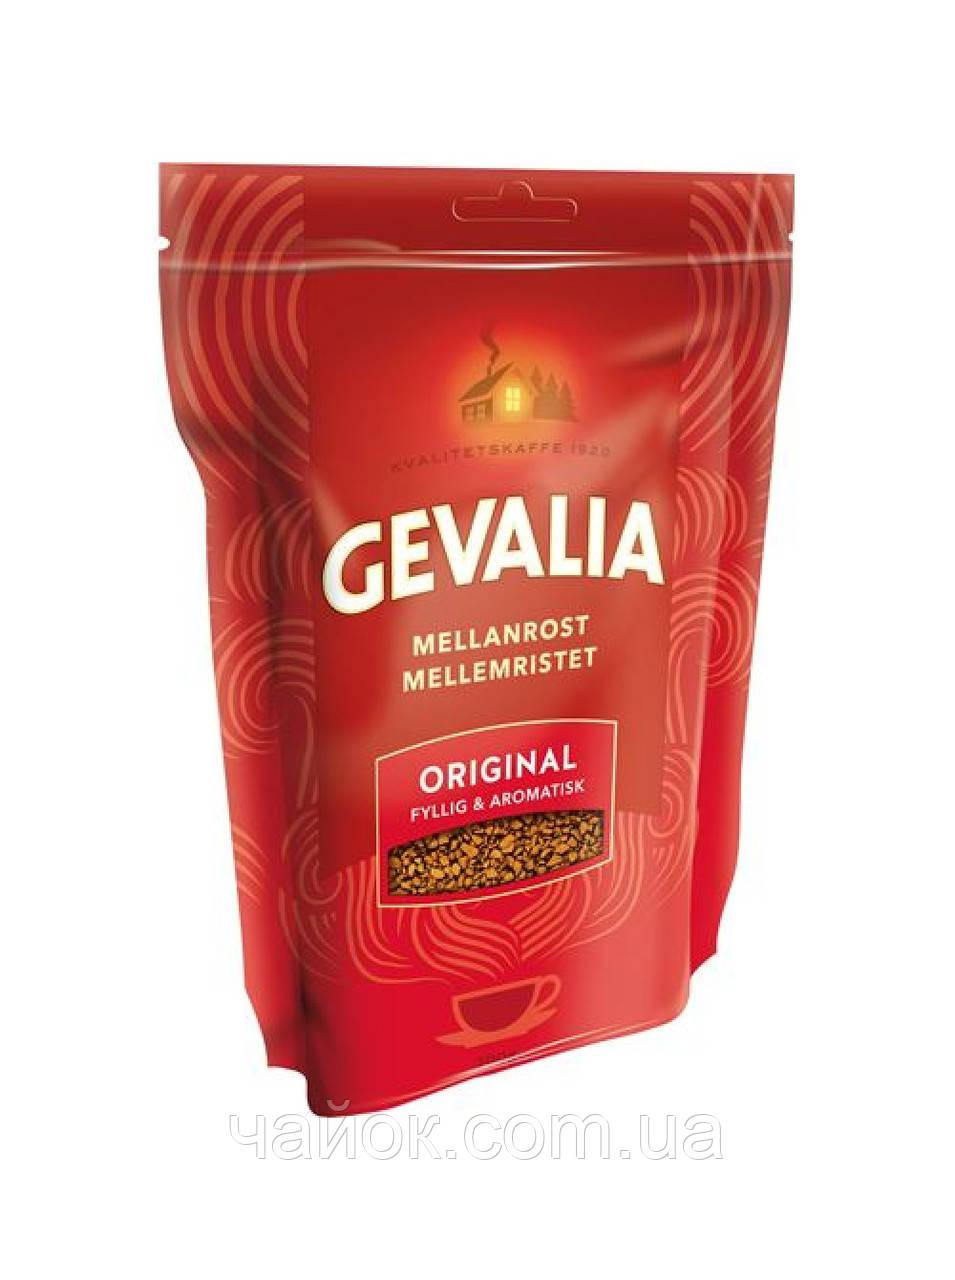 Кофе растворимый Gevalia MellanRost Original растворимый 200 гр